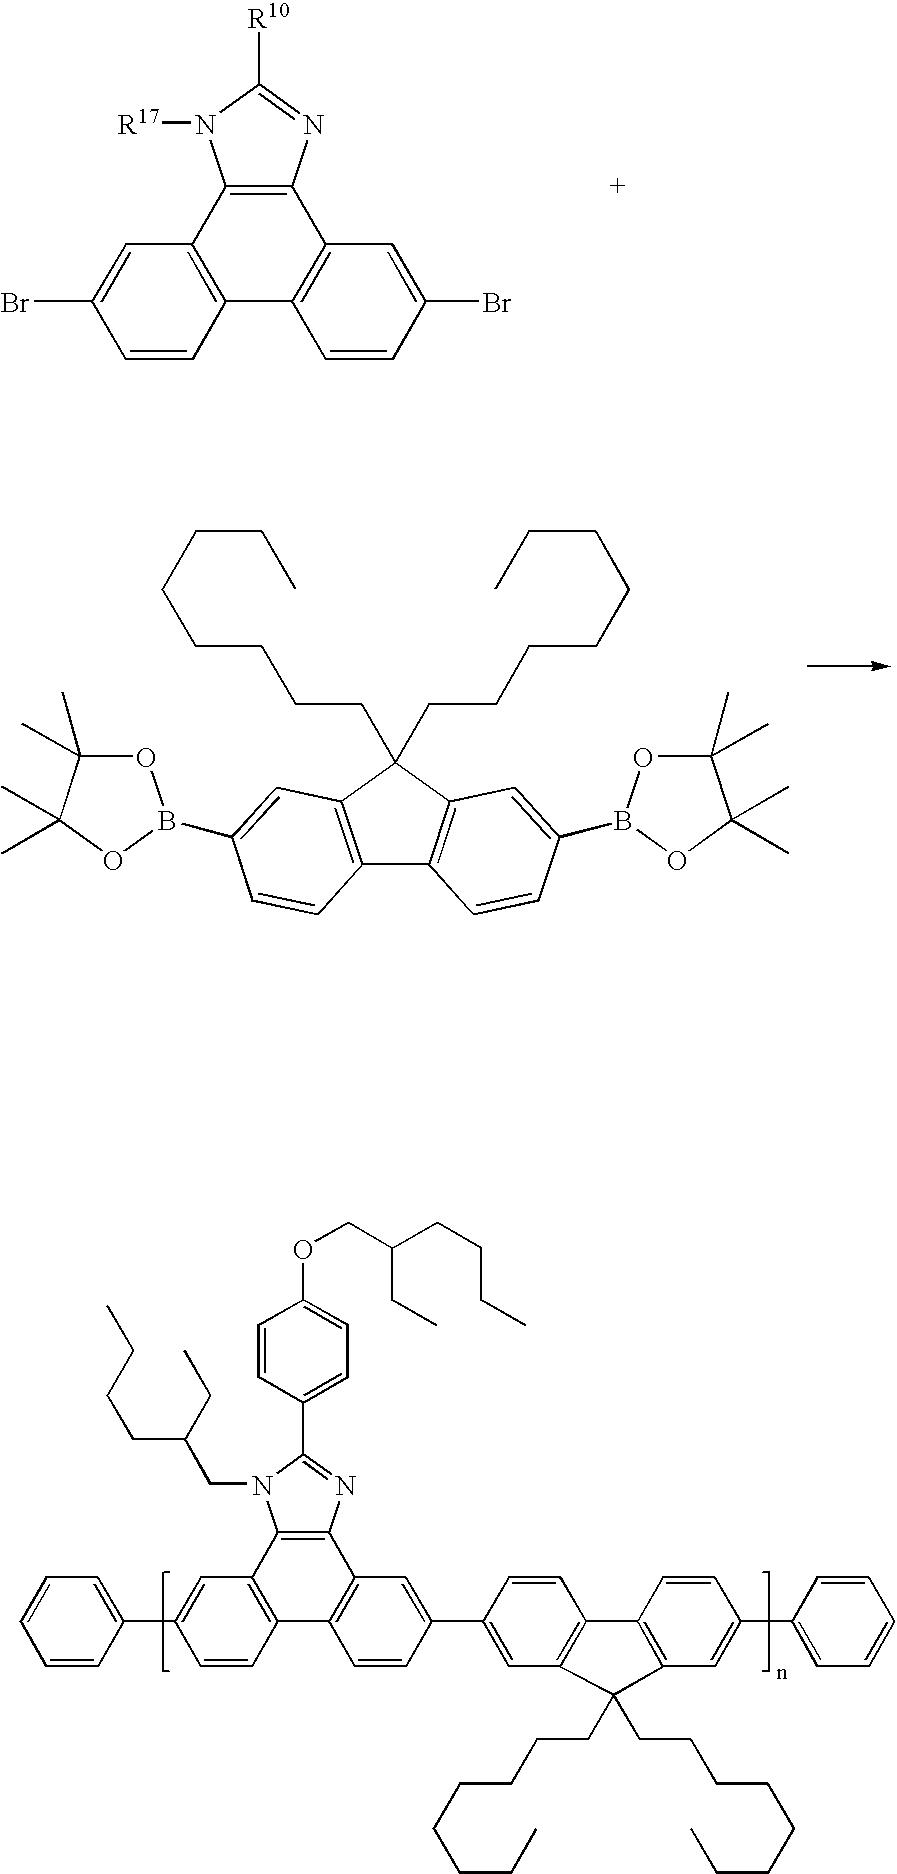 Figure US20090105447A1-20090423-C00218